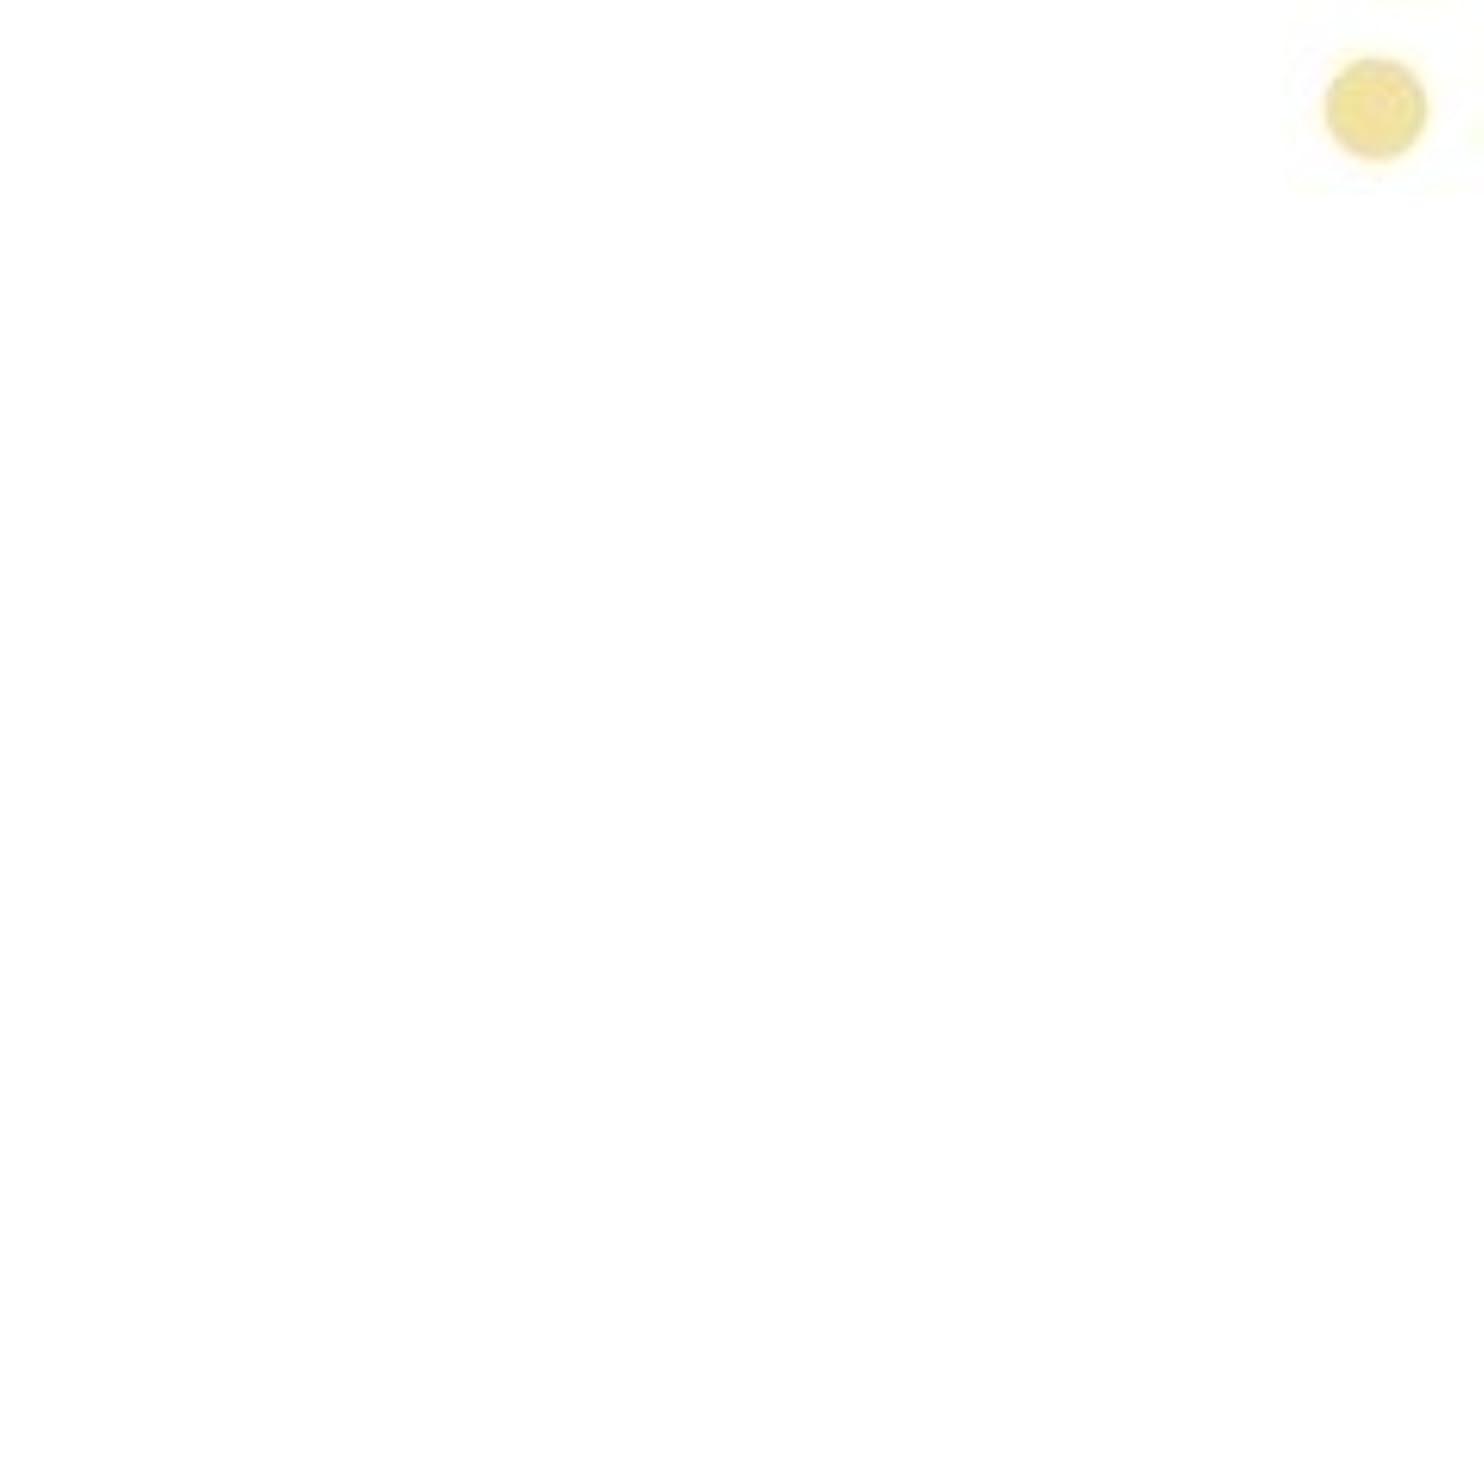 ハグ時代遅れそのような【カバーマーク】ジャスミーカラー パウダリーファンデーション #YN10 (レフィル)